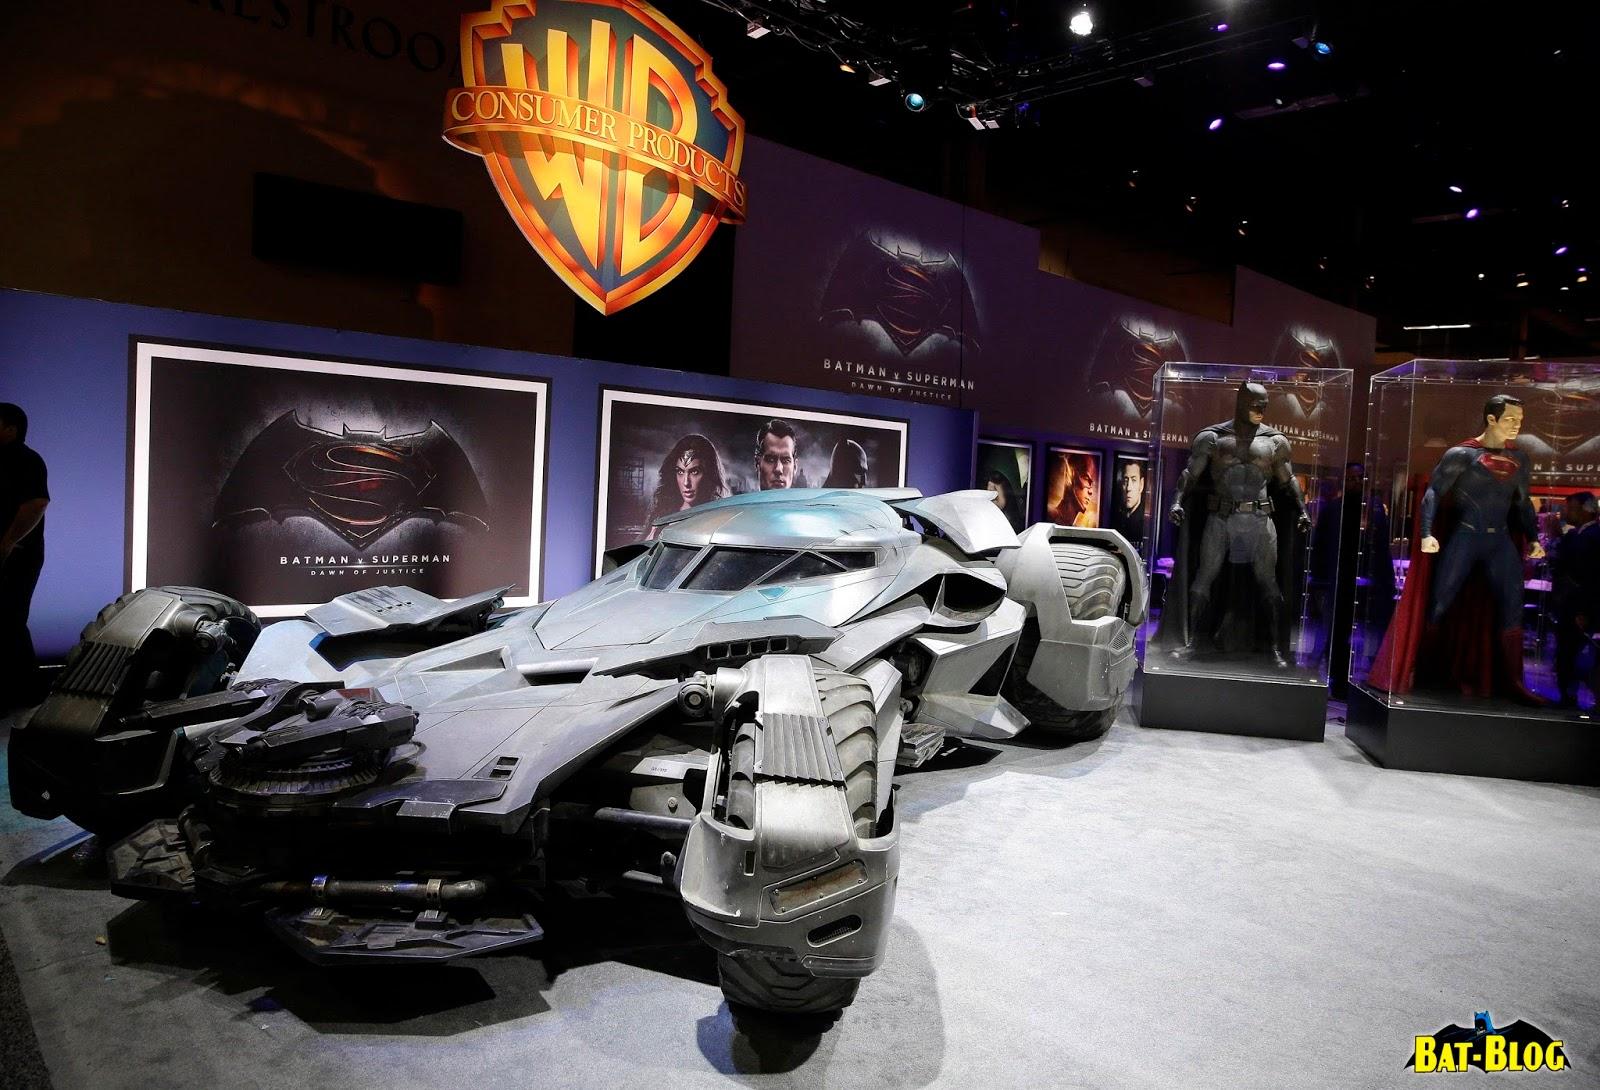 BAT - BLOG : BATMAN TOYS and COLLECTIBLES: #BATMAN V ...